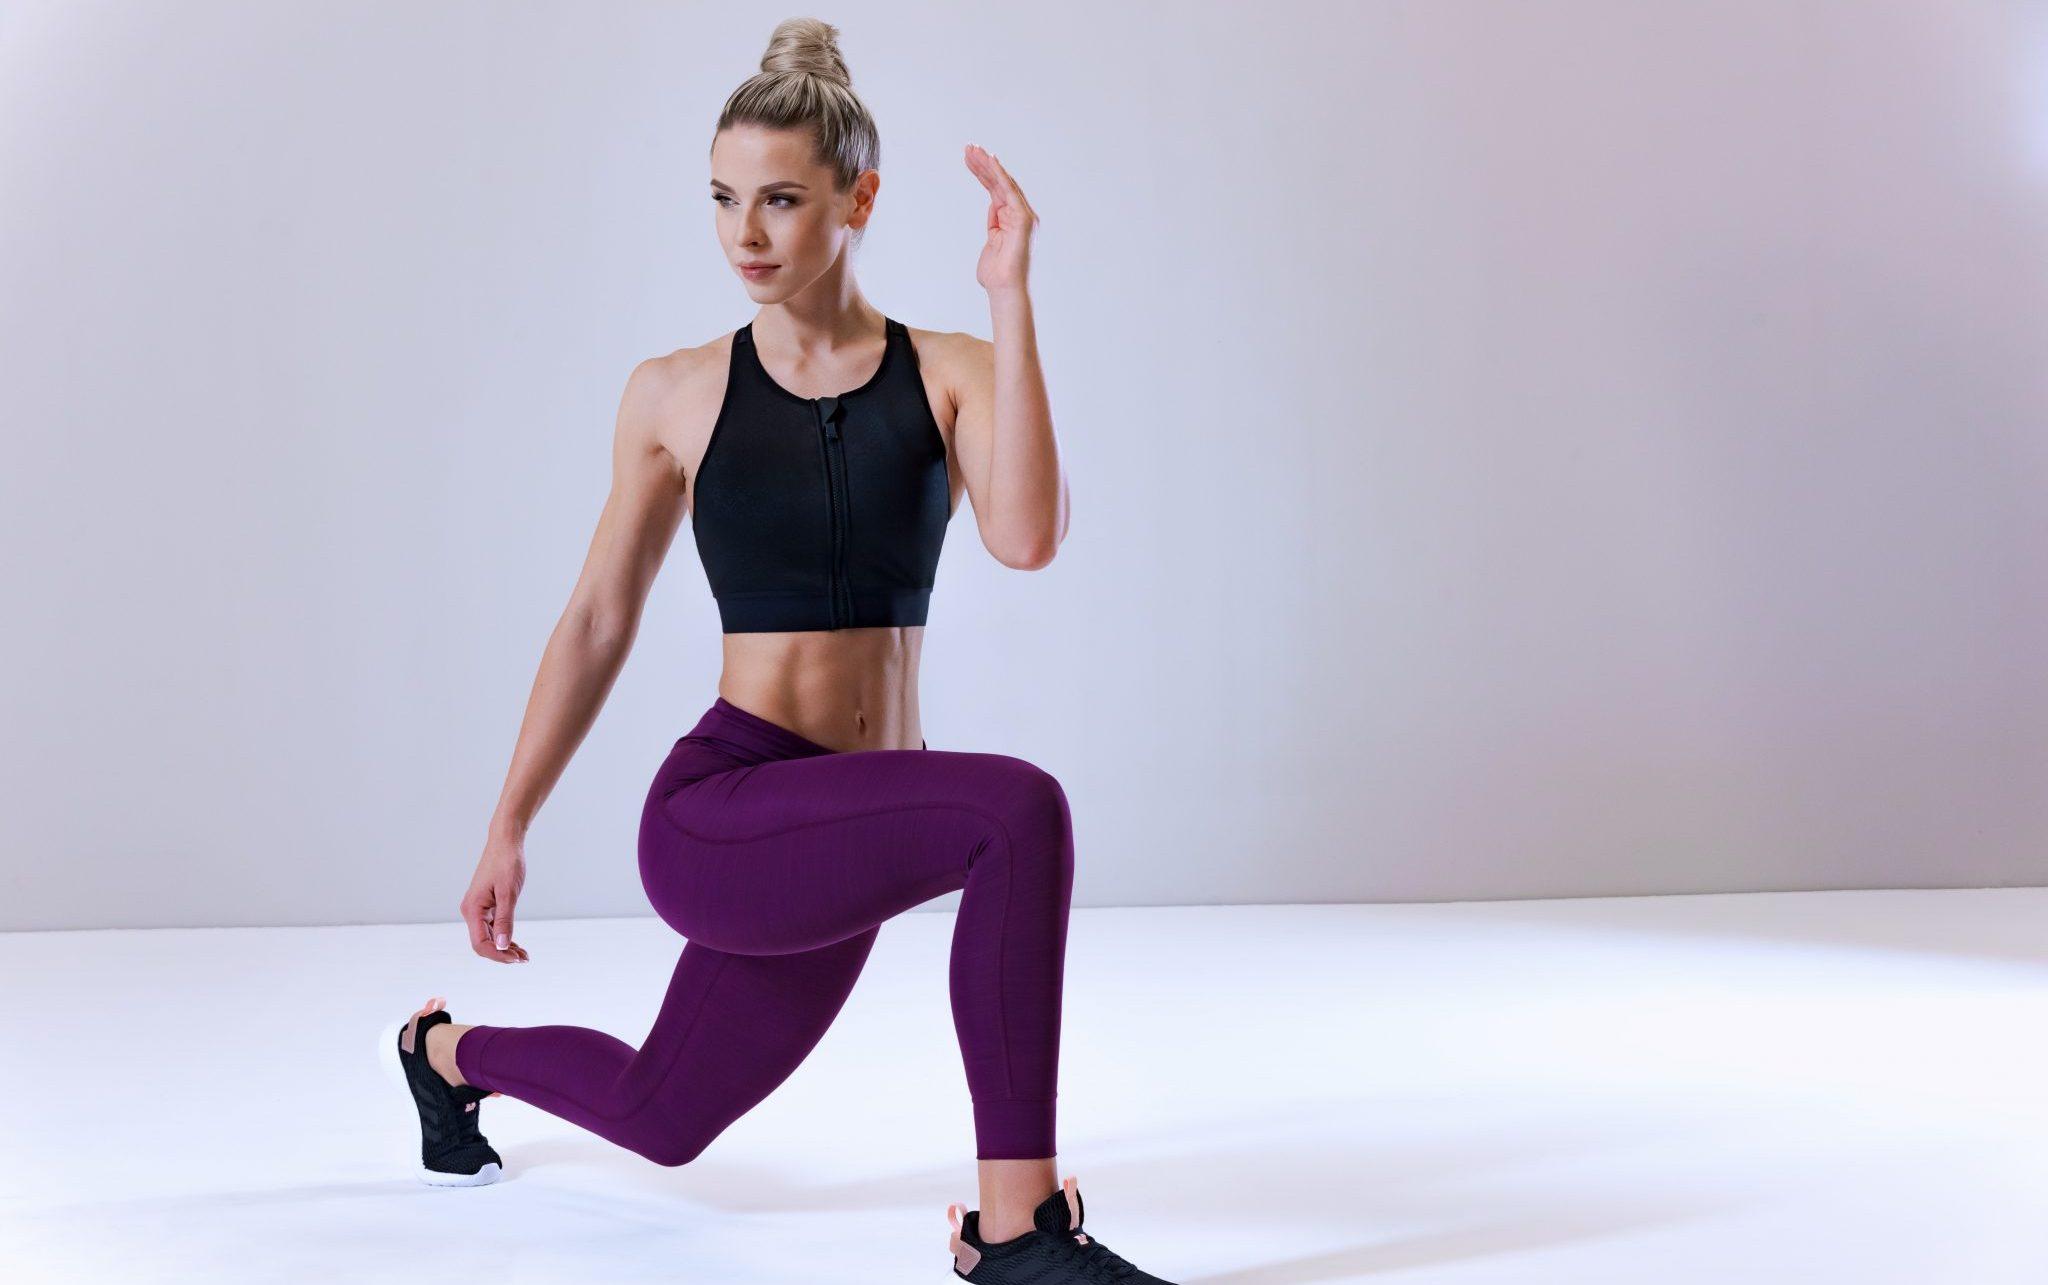 skating squats